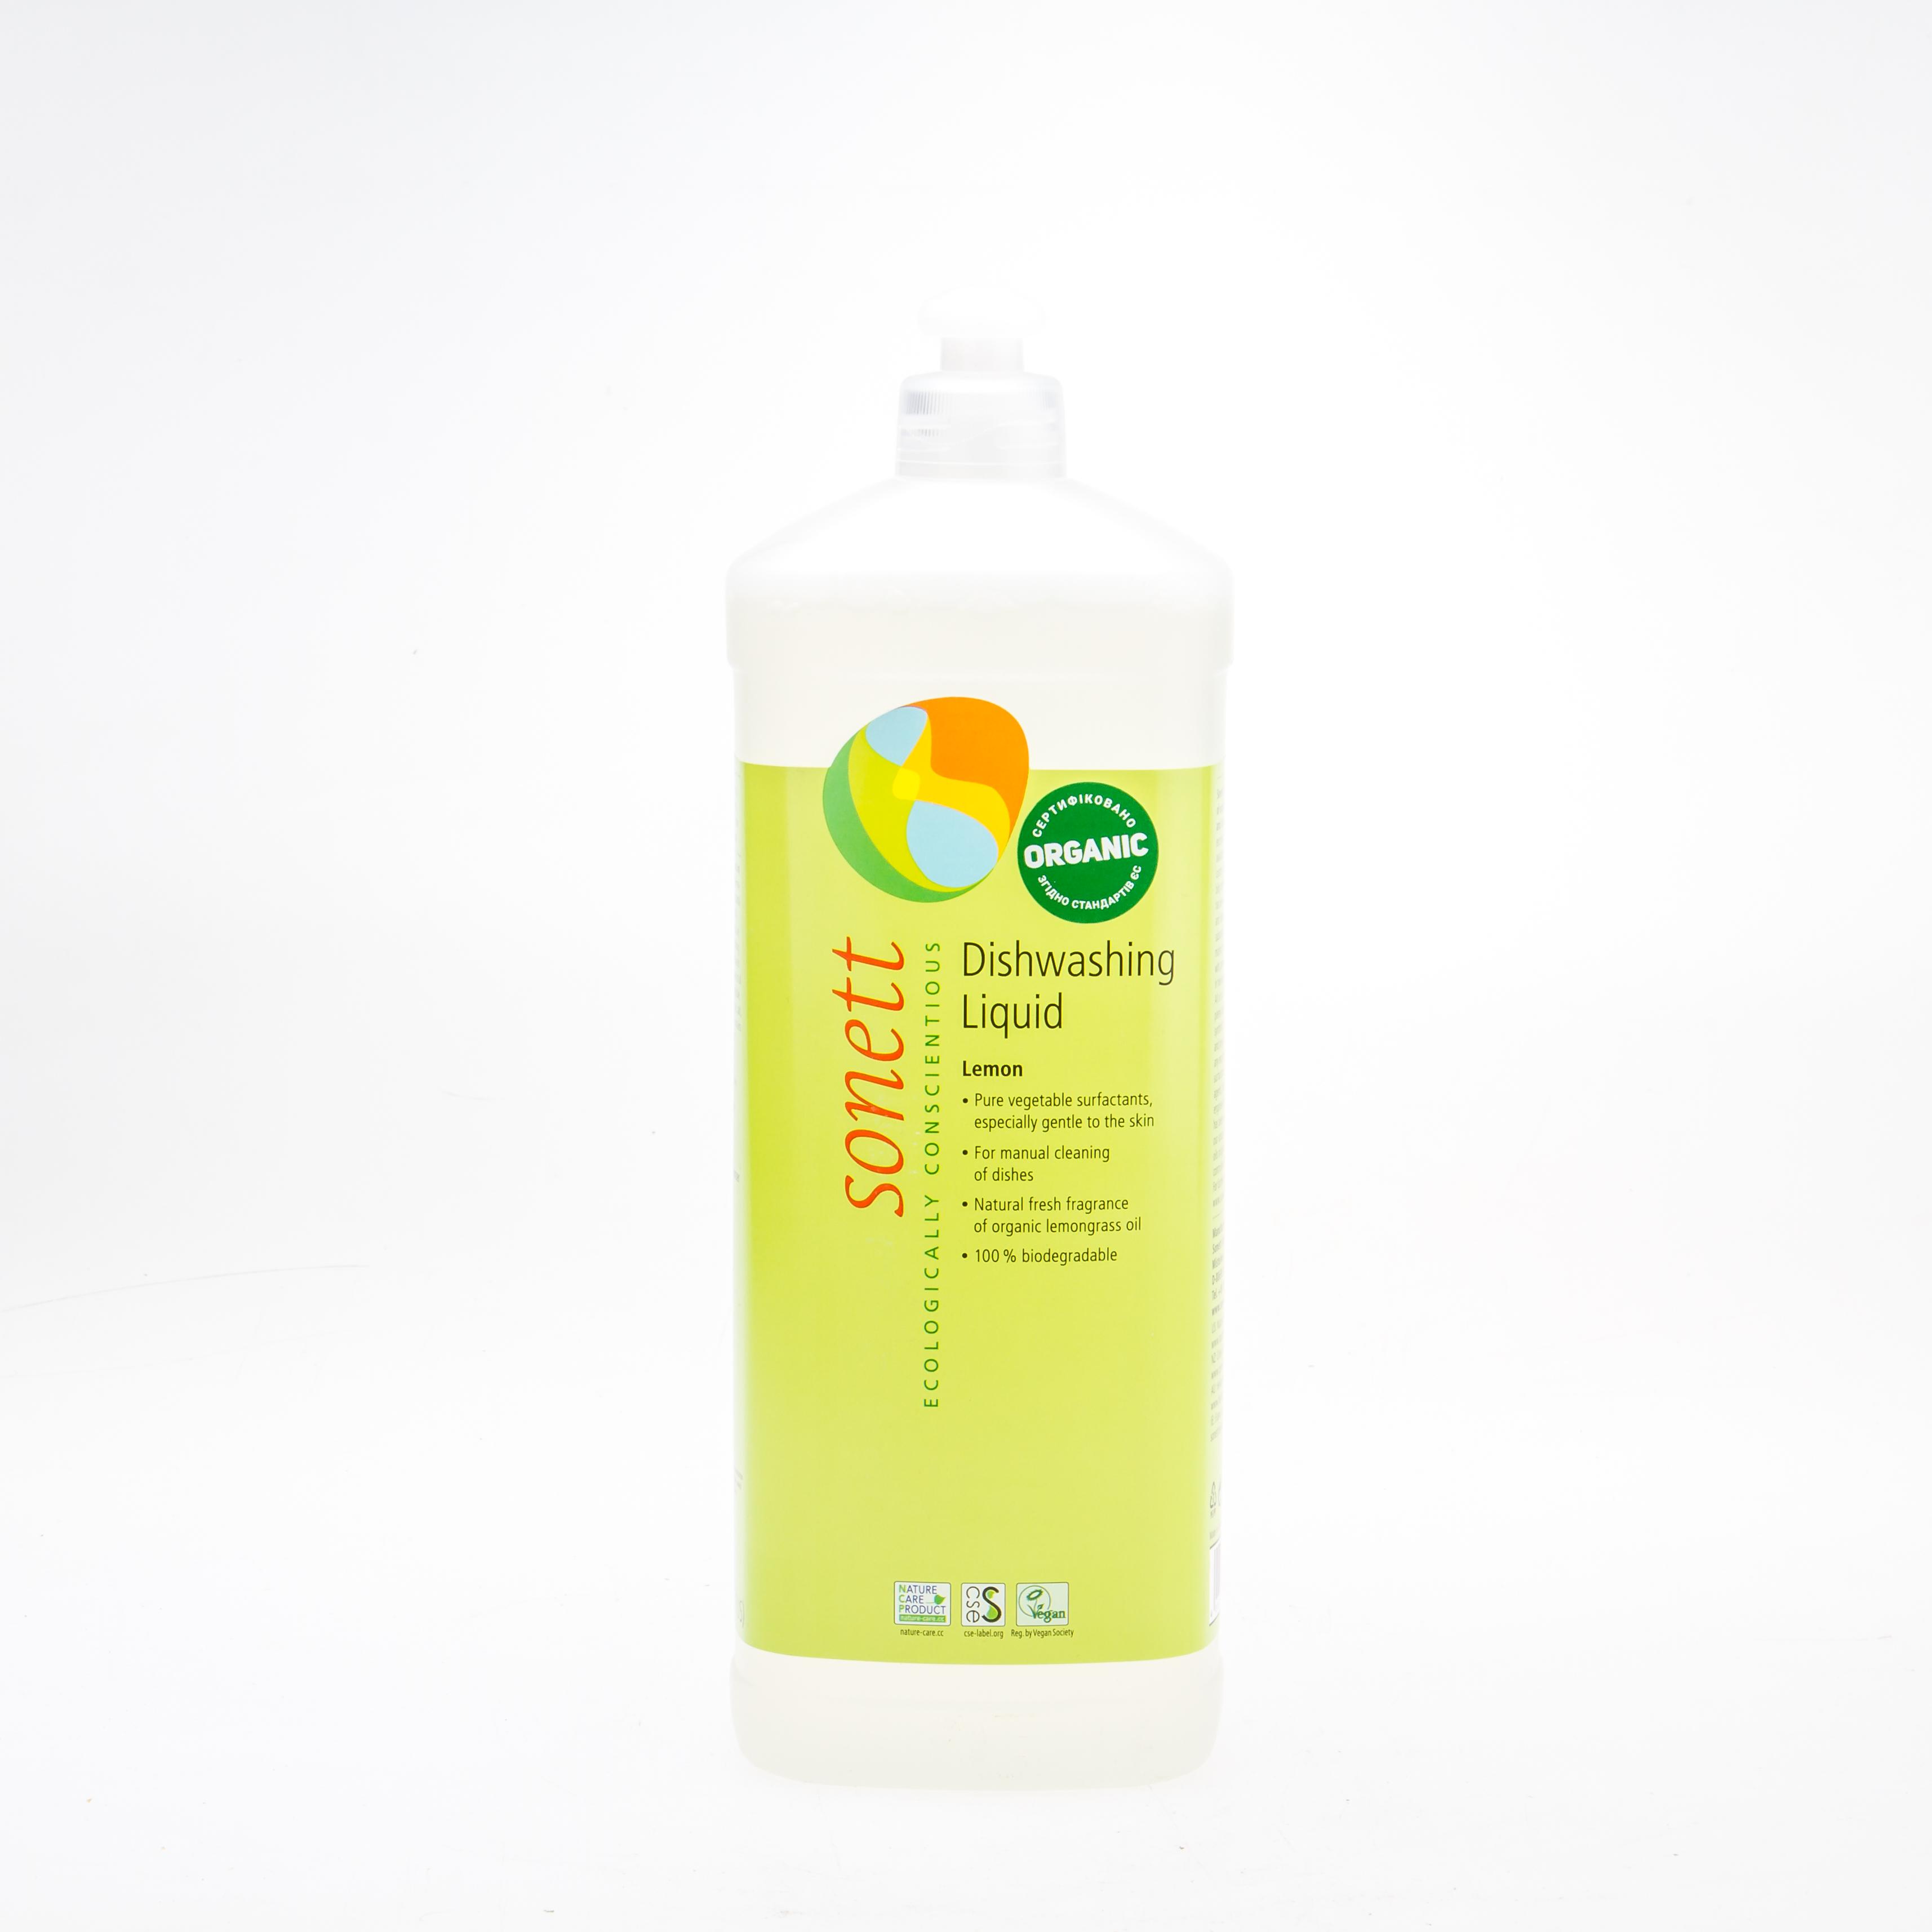 Sonett органічний засіб для ручного миття посуду з ефірною олією лимонника. Концентрат, 1 л - купить в интернет-магазине Юнимед